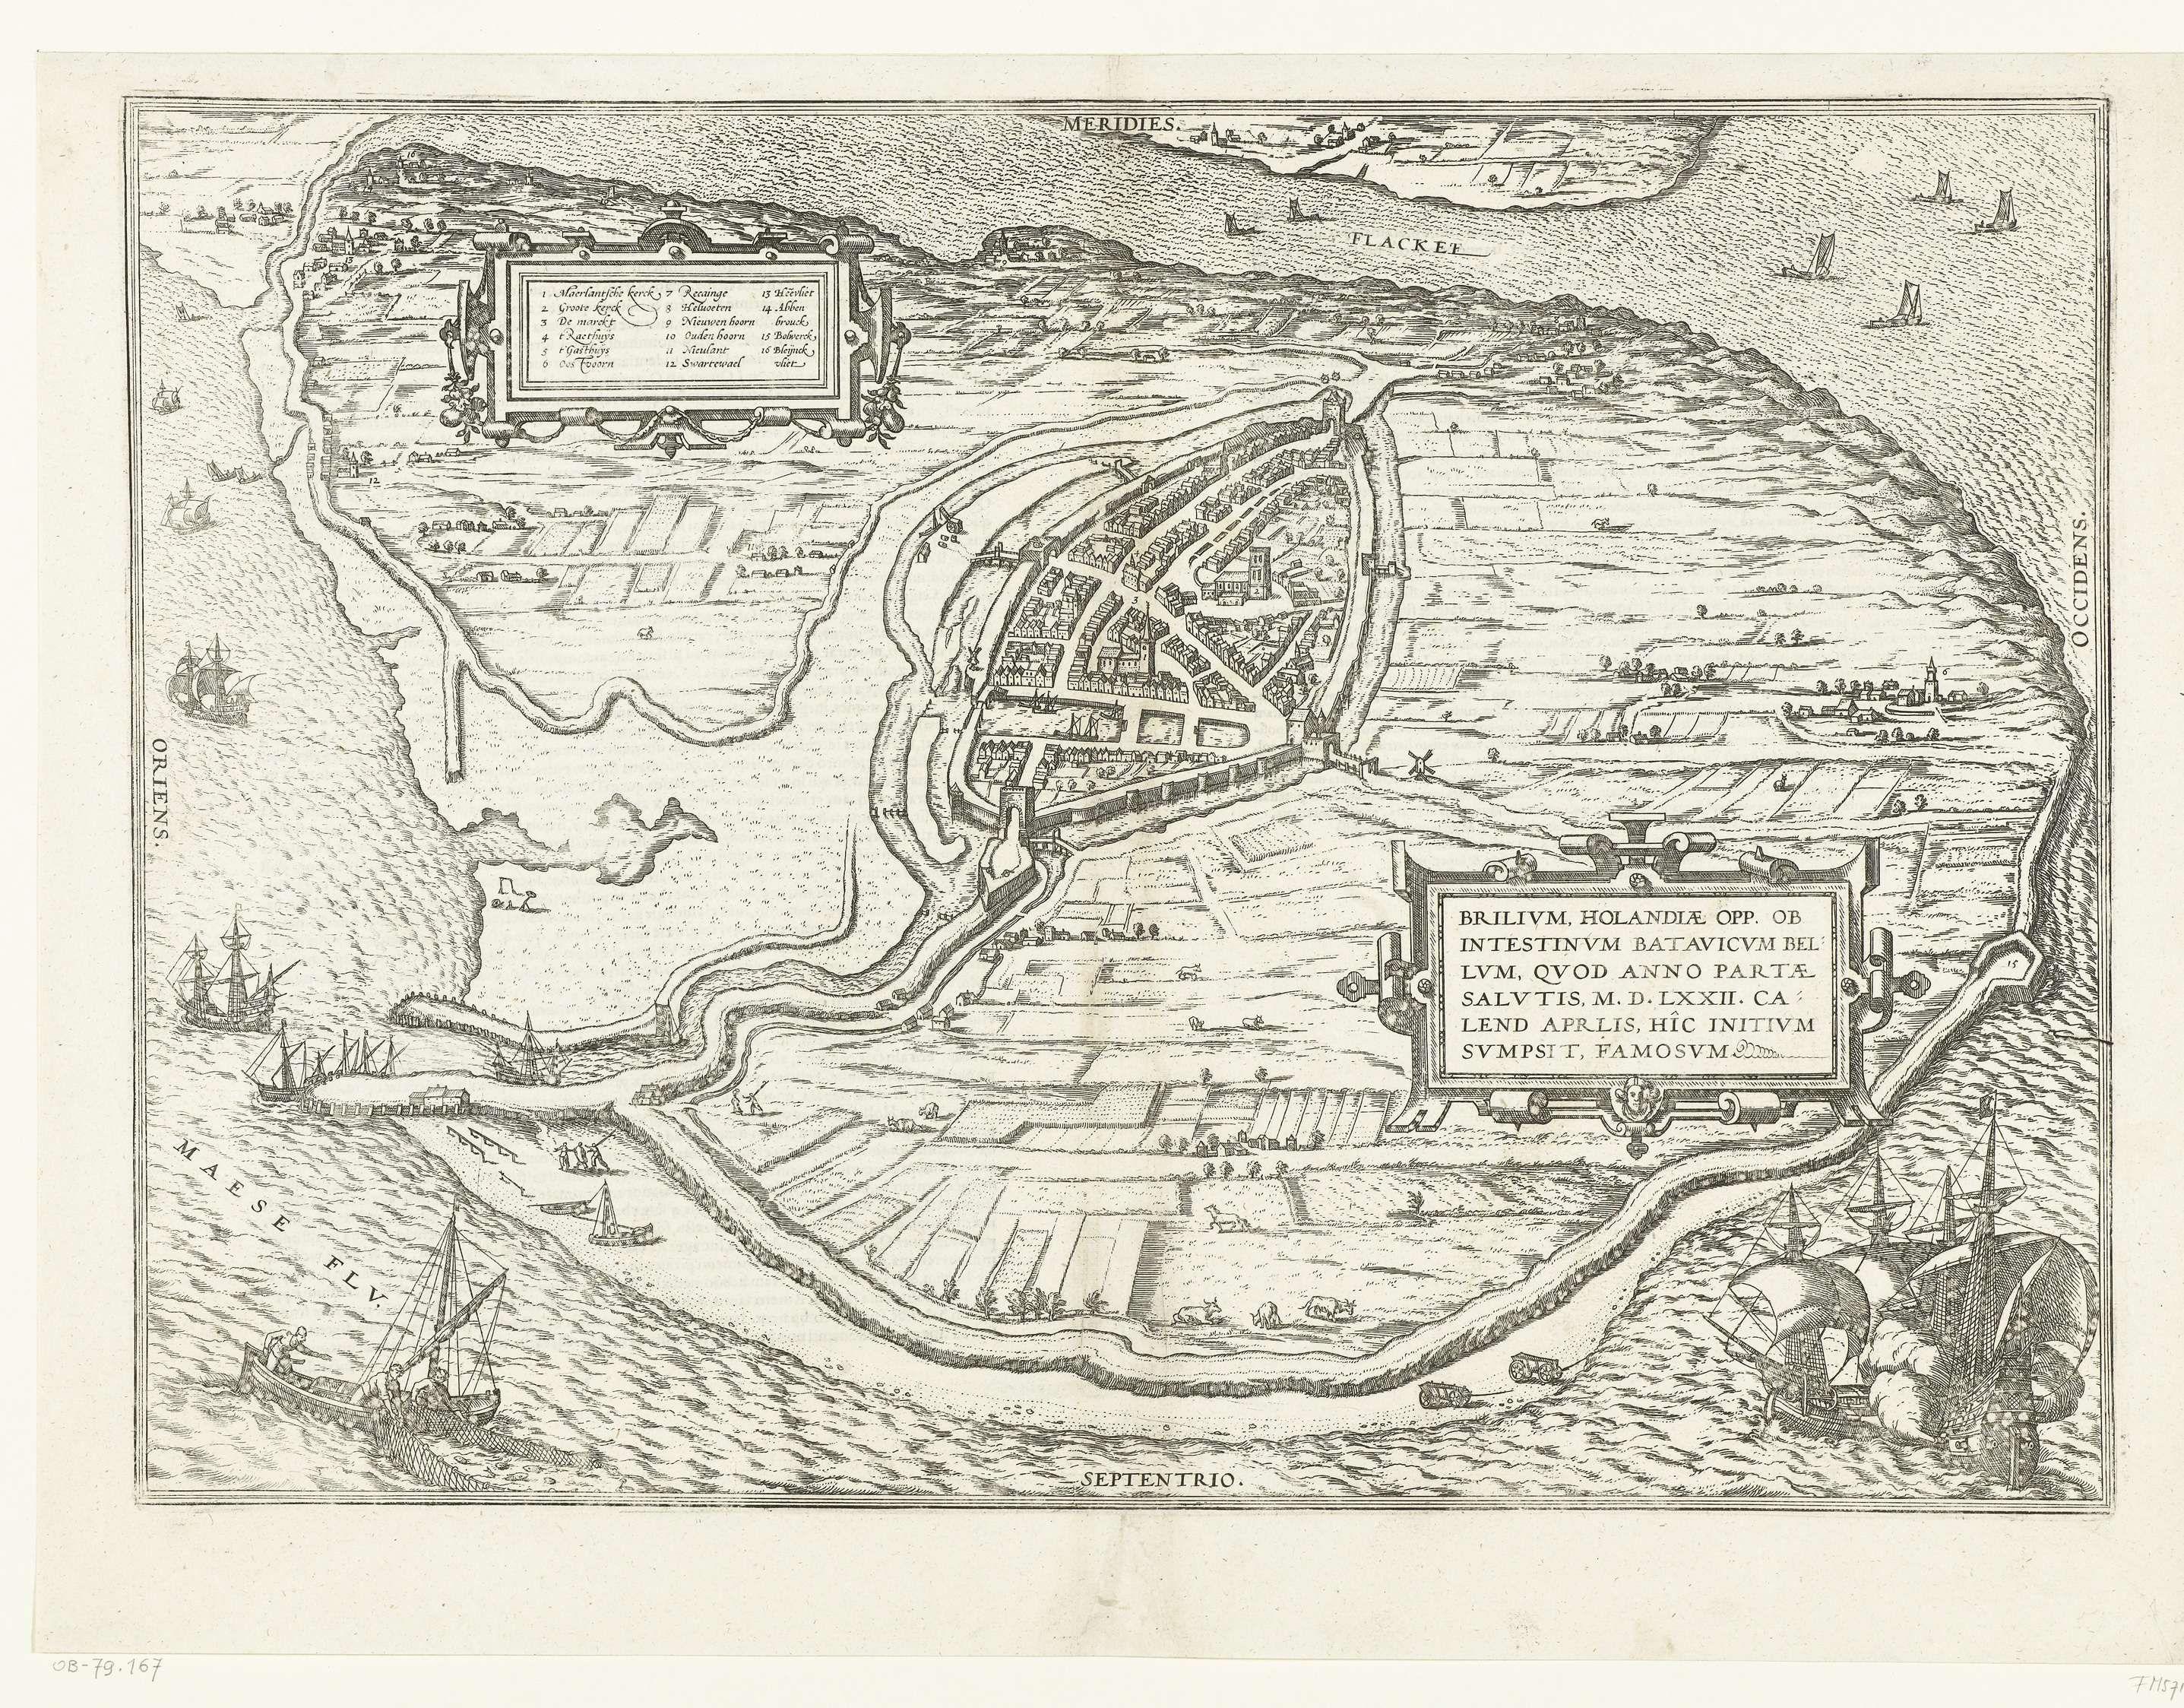 Symon Novelanus | Kaart van Den Briel, op 1 april 1572 door de watergeuzen ingenomen, Symon Novelanus, Frans Hogenberg, 1572 - 1574 | Kaart van Den Briel, op 1 april 1572 door de watergeuzen ingenomen. Gezicht op het eiland Voorne met daarin de stad Den Briel in vogelvluchtperspectief, onder een cartouche met de titel, boven een kleiner cartouche met de legenda 1-16 in het Nederlands. In het water een oorlogsschip en een vissersboot. Bedrukt op de achterzijde met tekst in het Latijn.